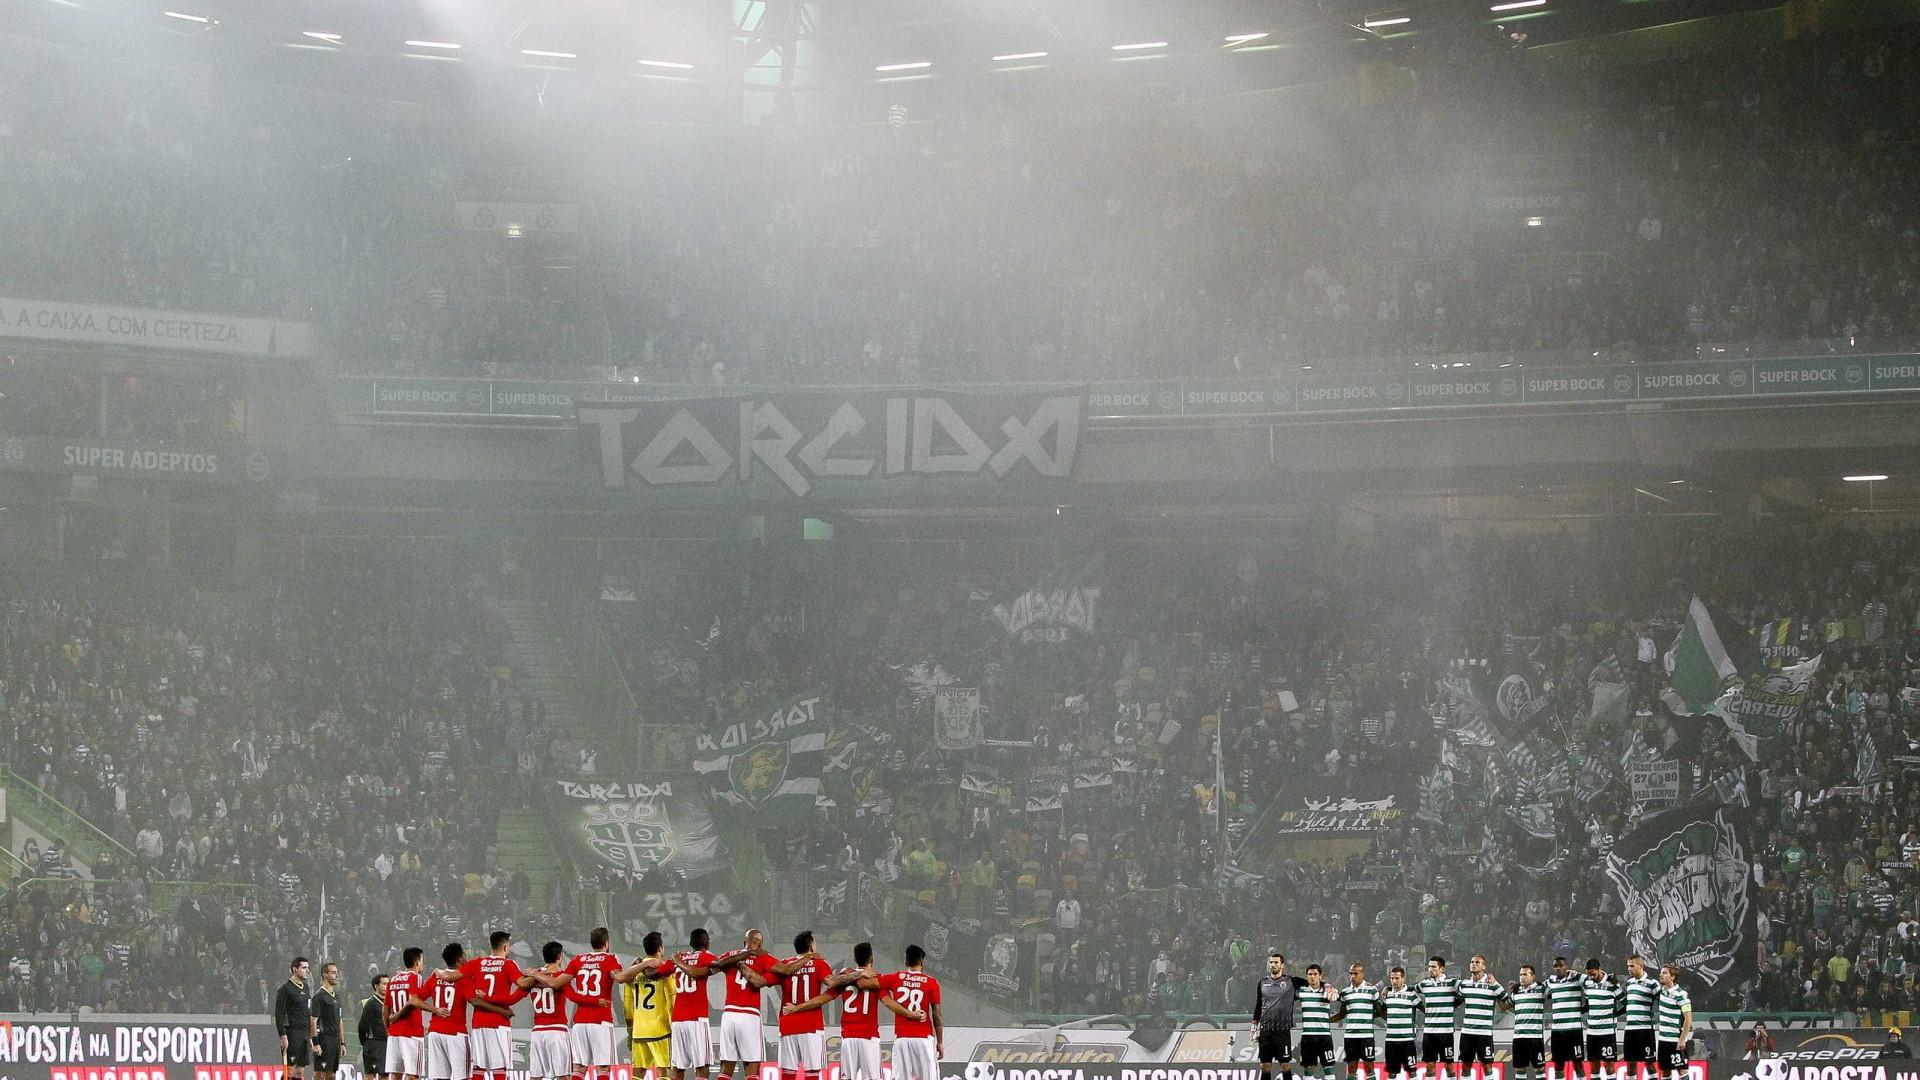 Dérbi entre Benfica e Sporting já tem data e hora marcada